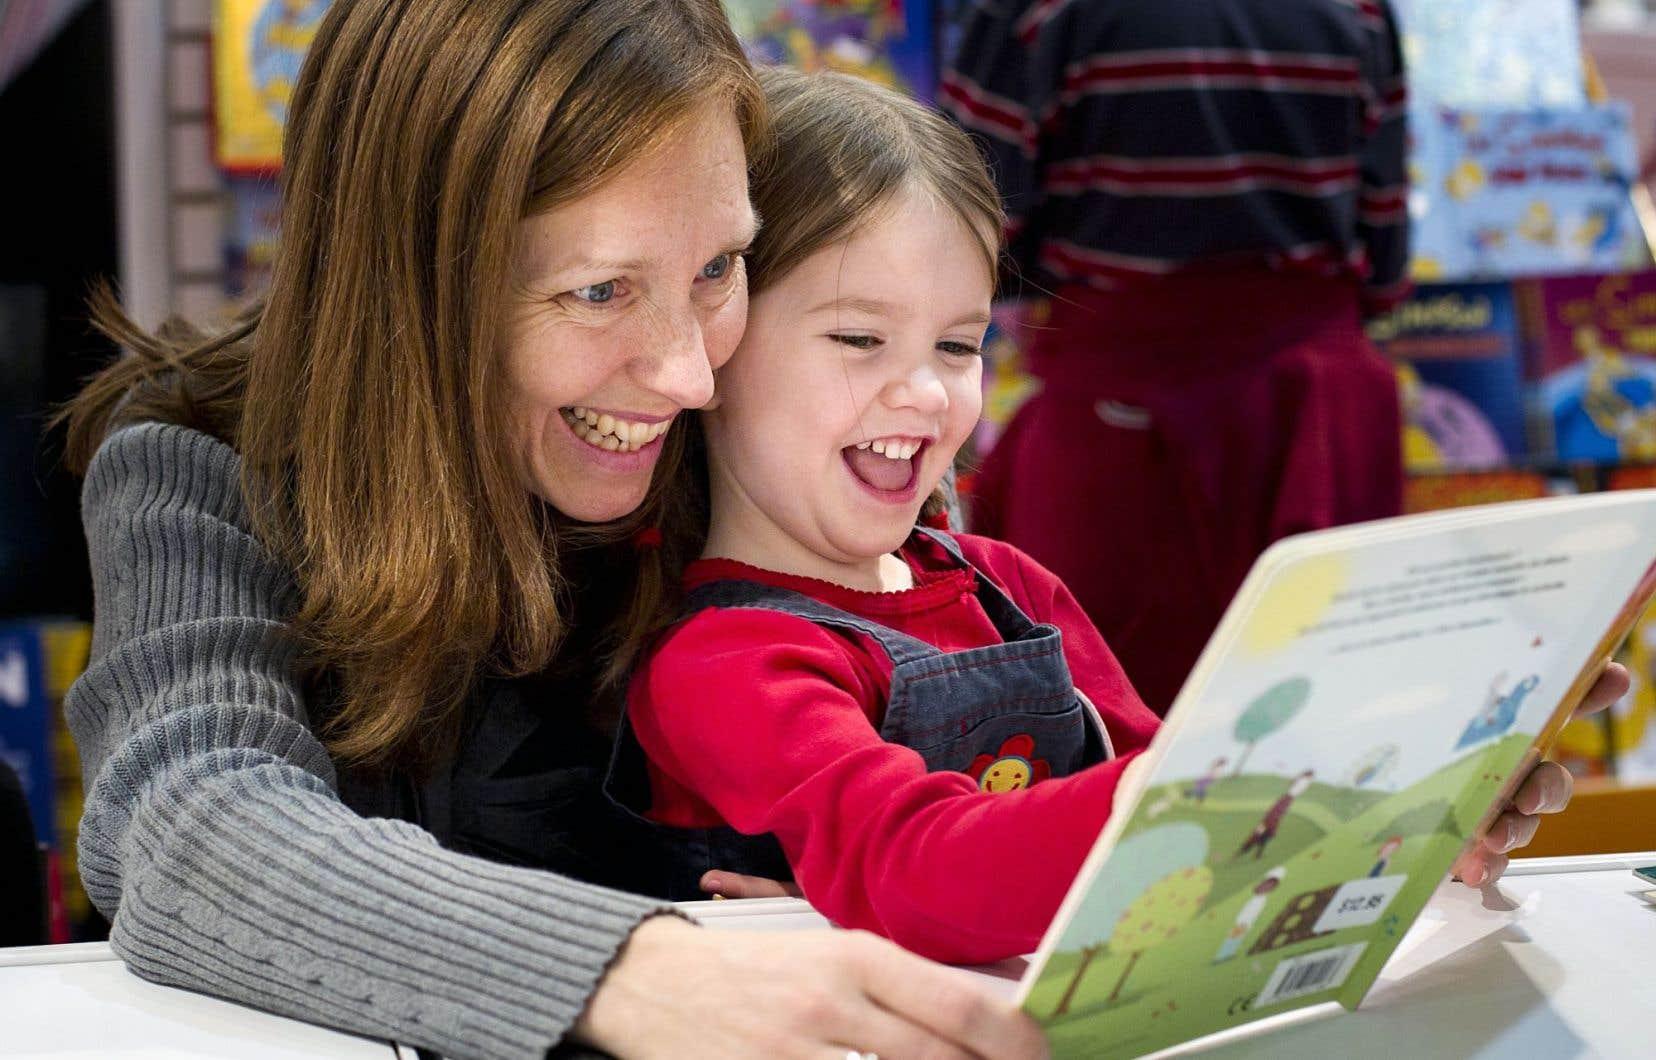 D'après l'étude, 77% des enfants disent que la majorité des livres qu'ils ont lus étaient des livres de papier.